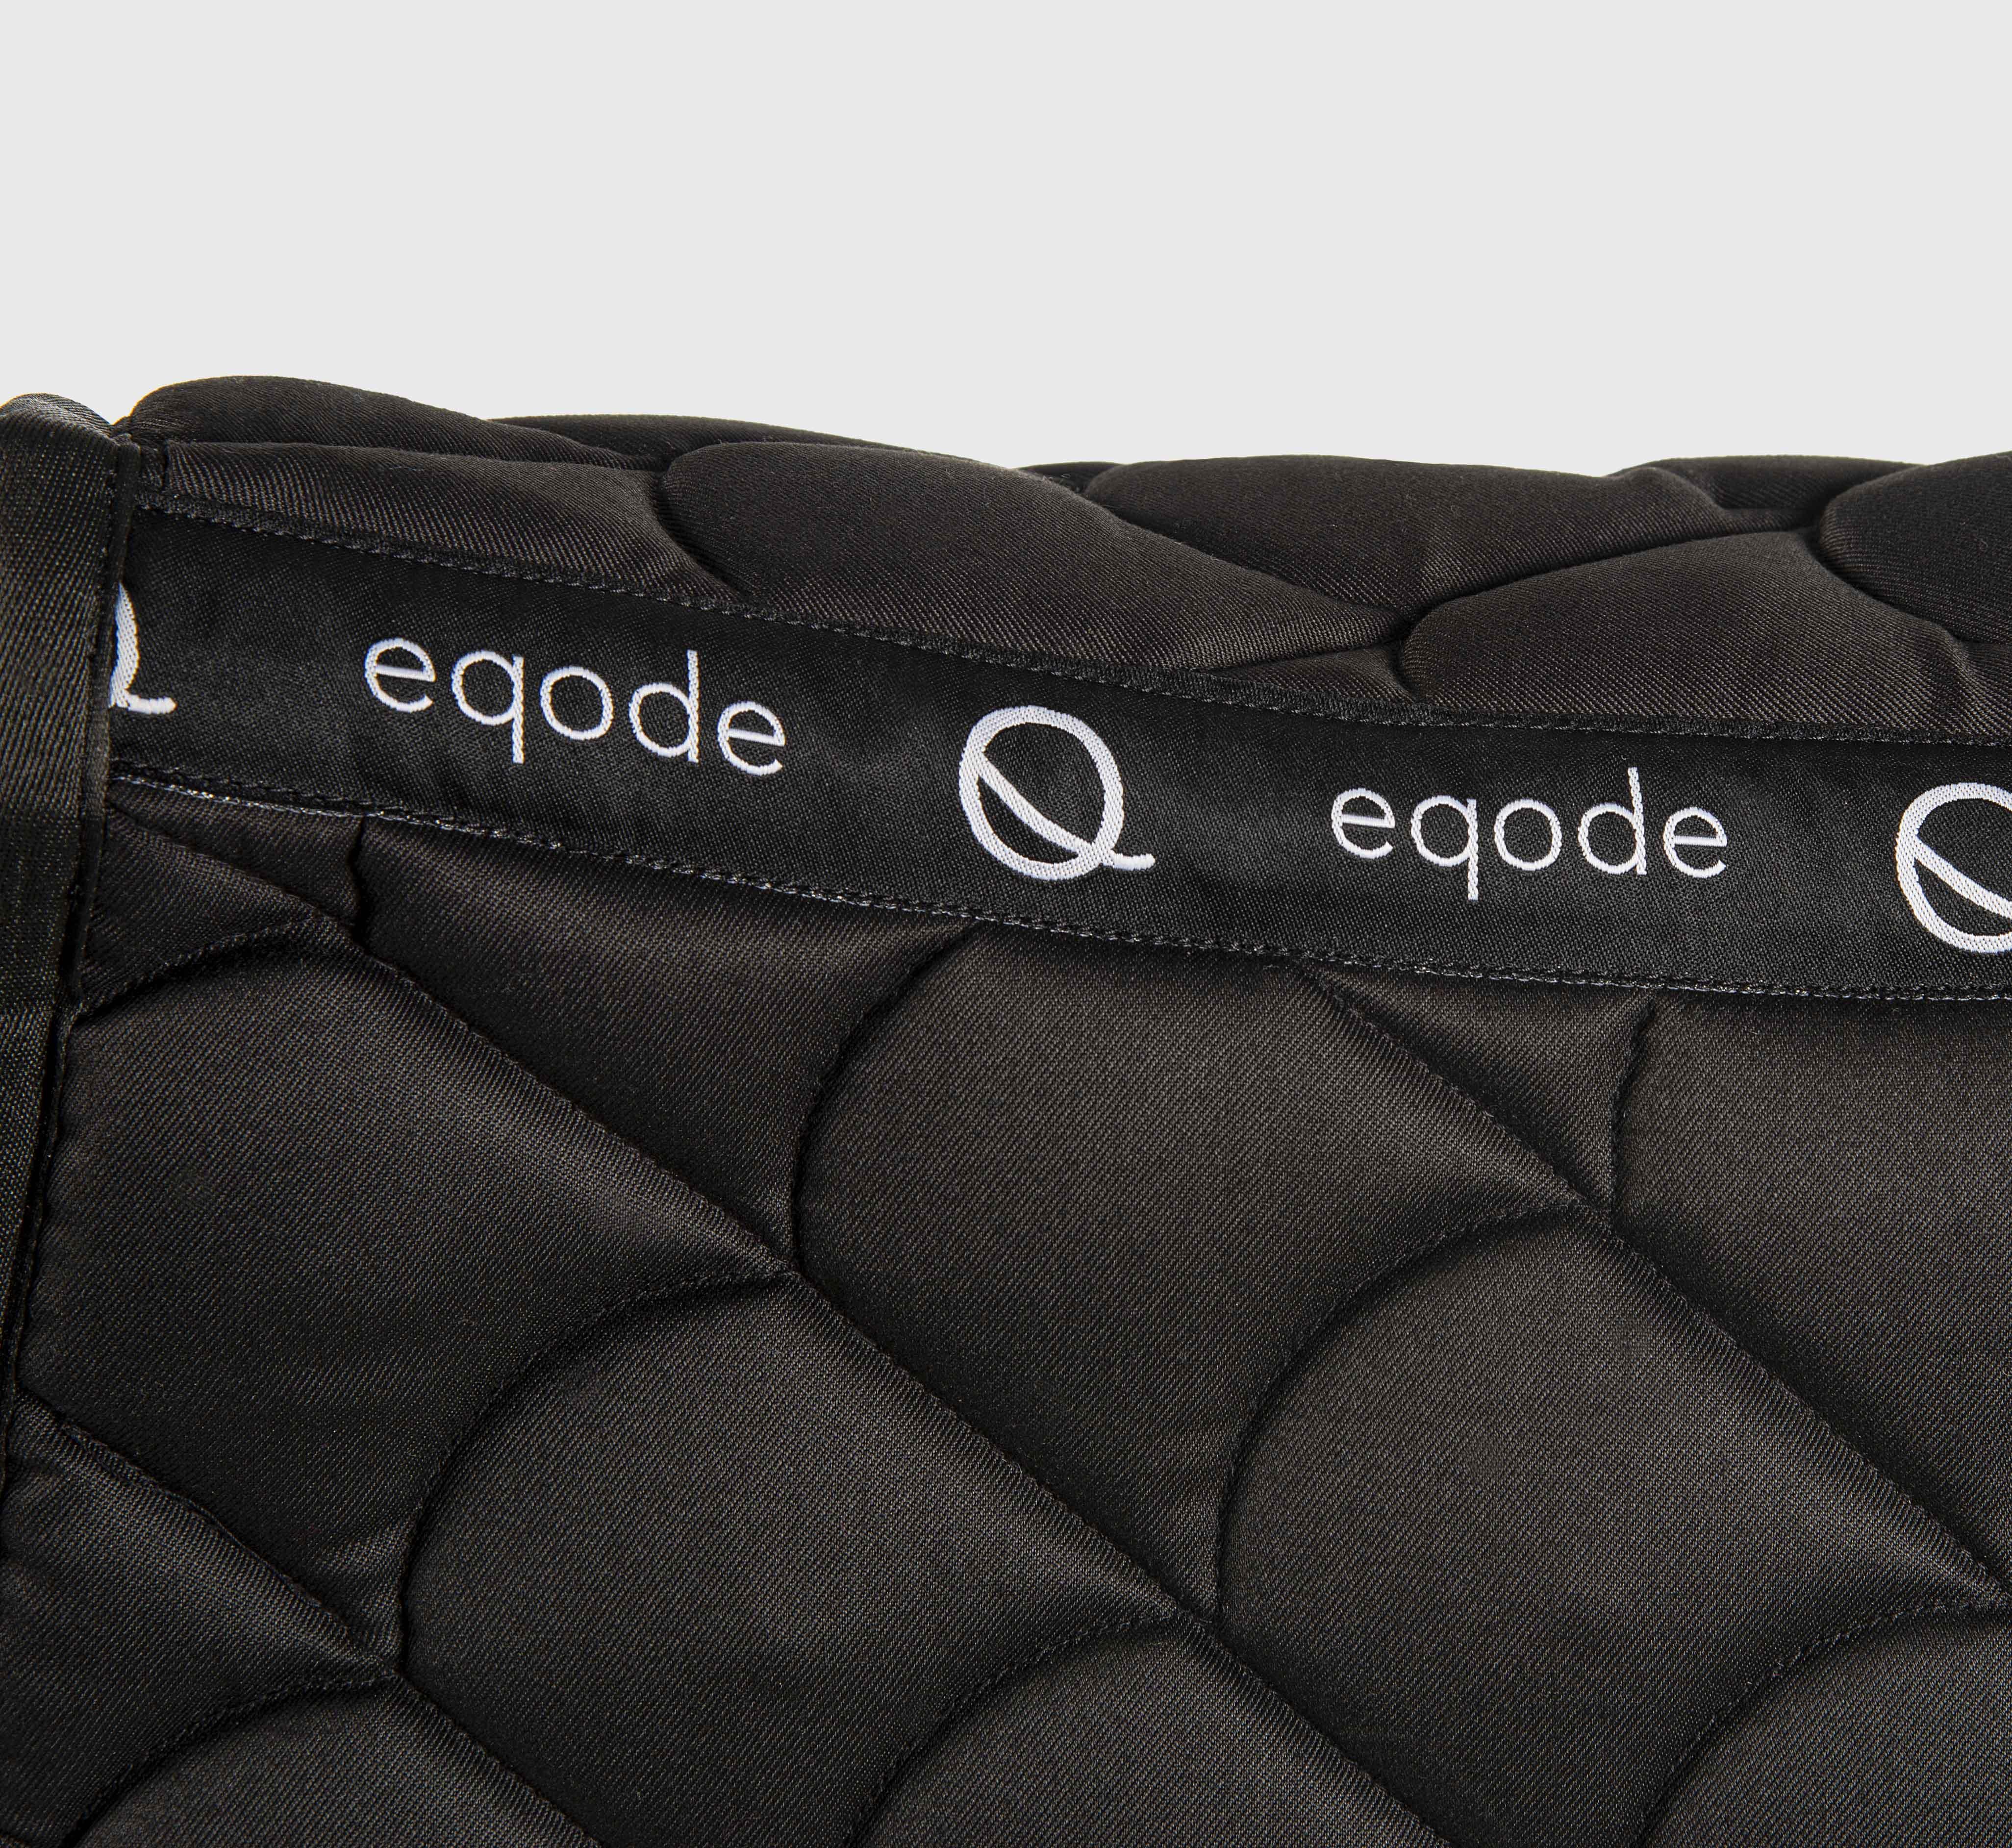 EQODE SADDLE PAD 2